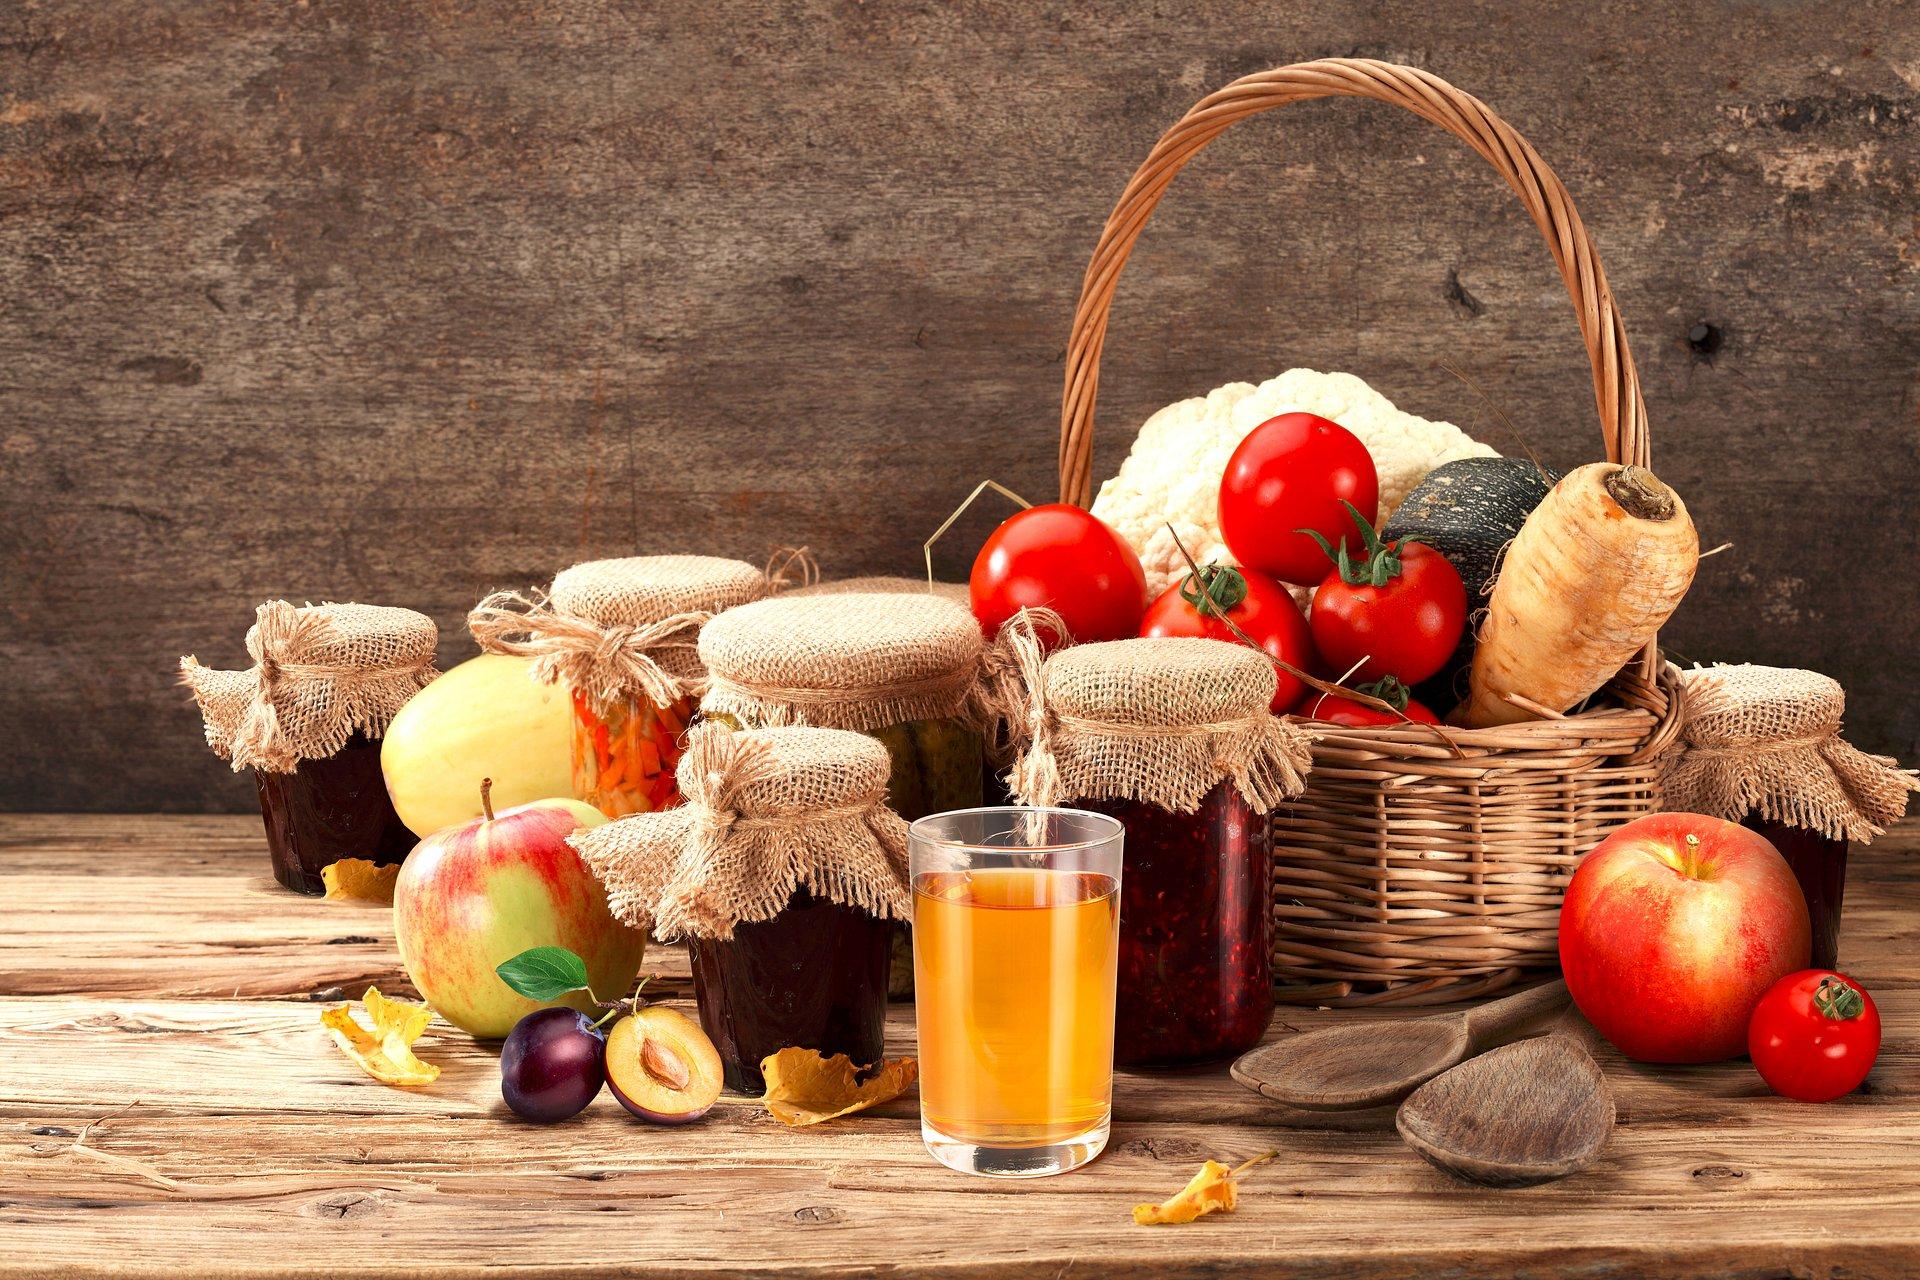 Ruszyła kampania promująca system jakości Certyfikowany Produkt (CP) przeznaczony dla branży owocowo-warzywnej. Dlaczego warto dołączyć do systemu i uzyskać certyfikat jakości?